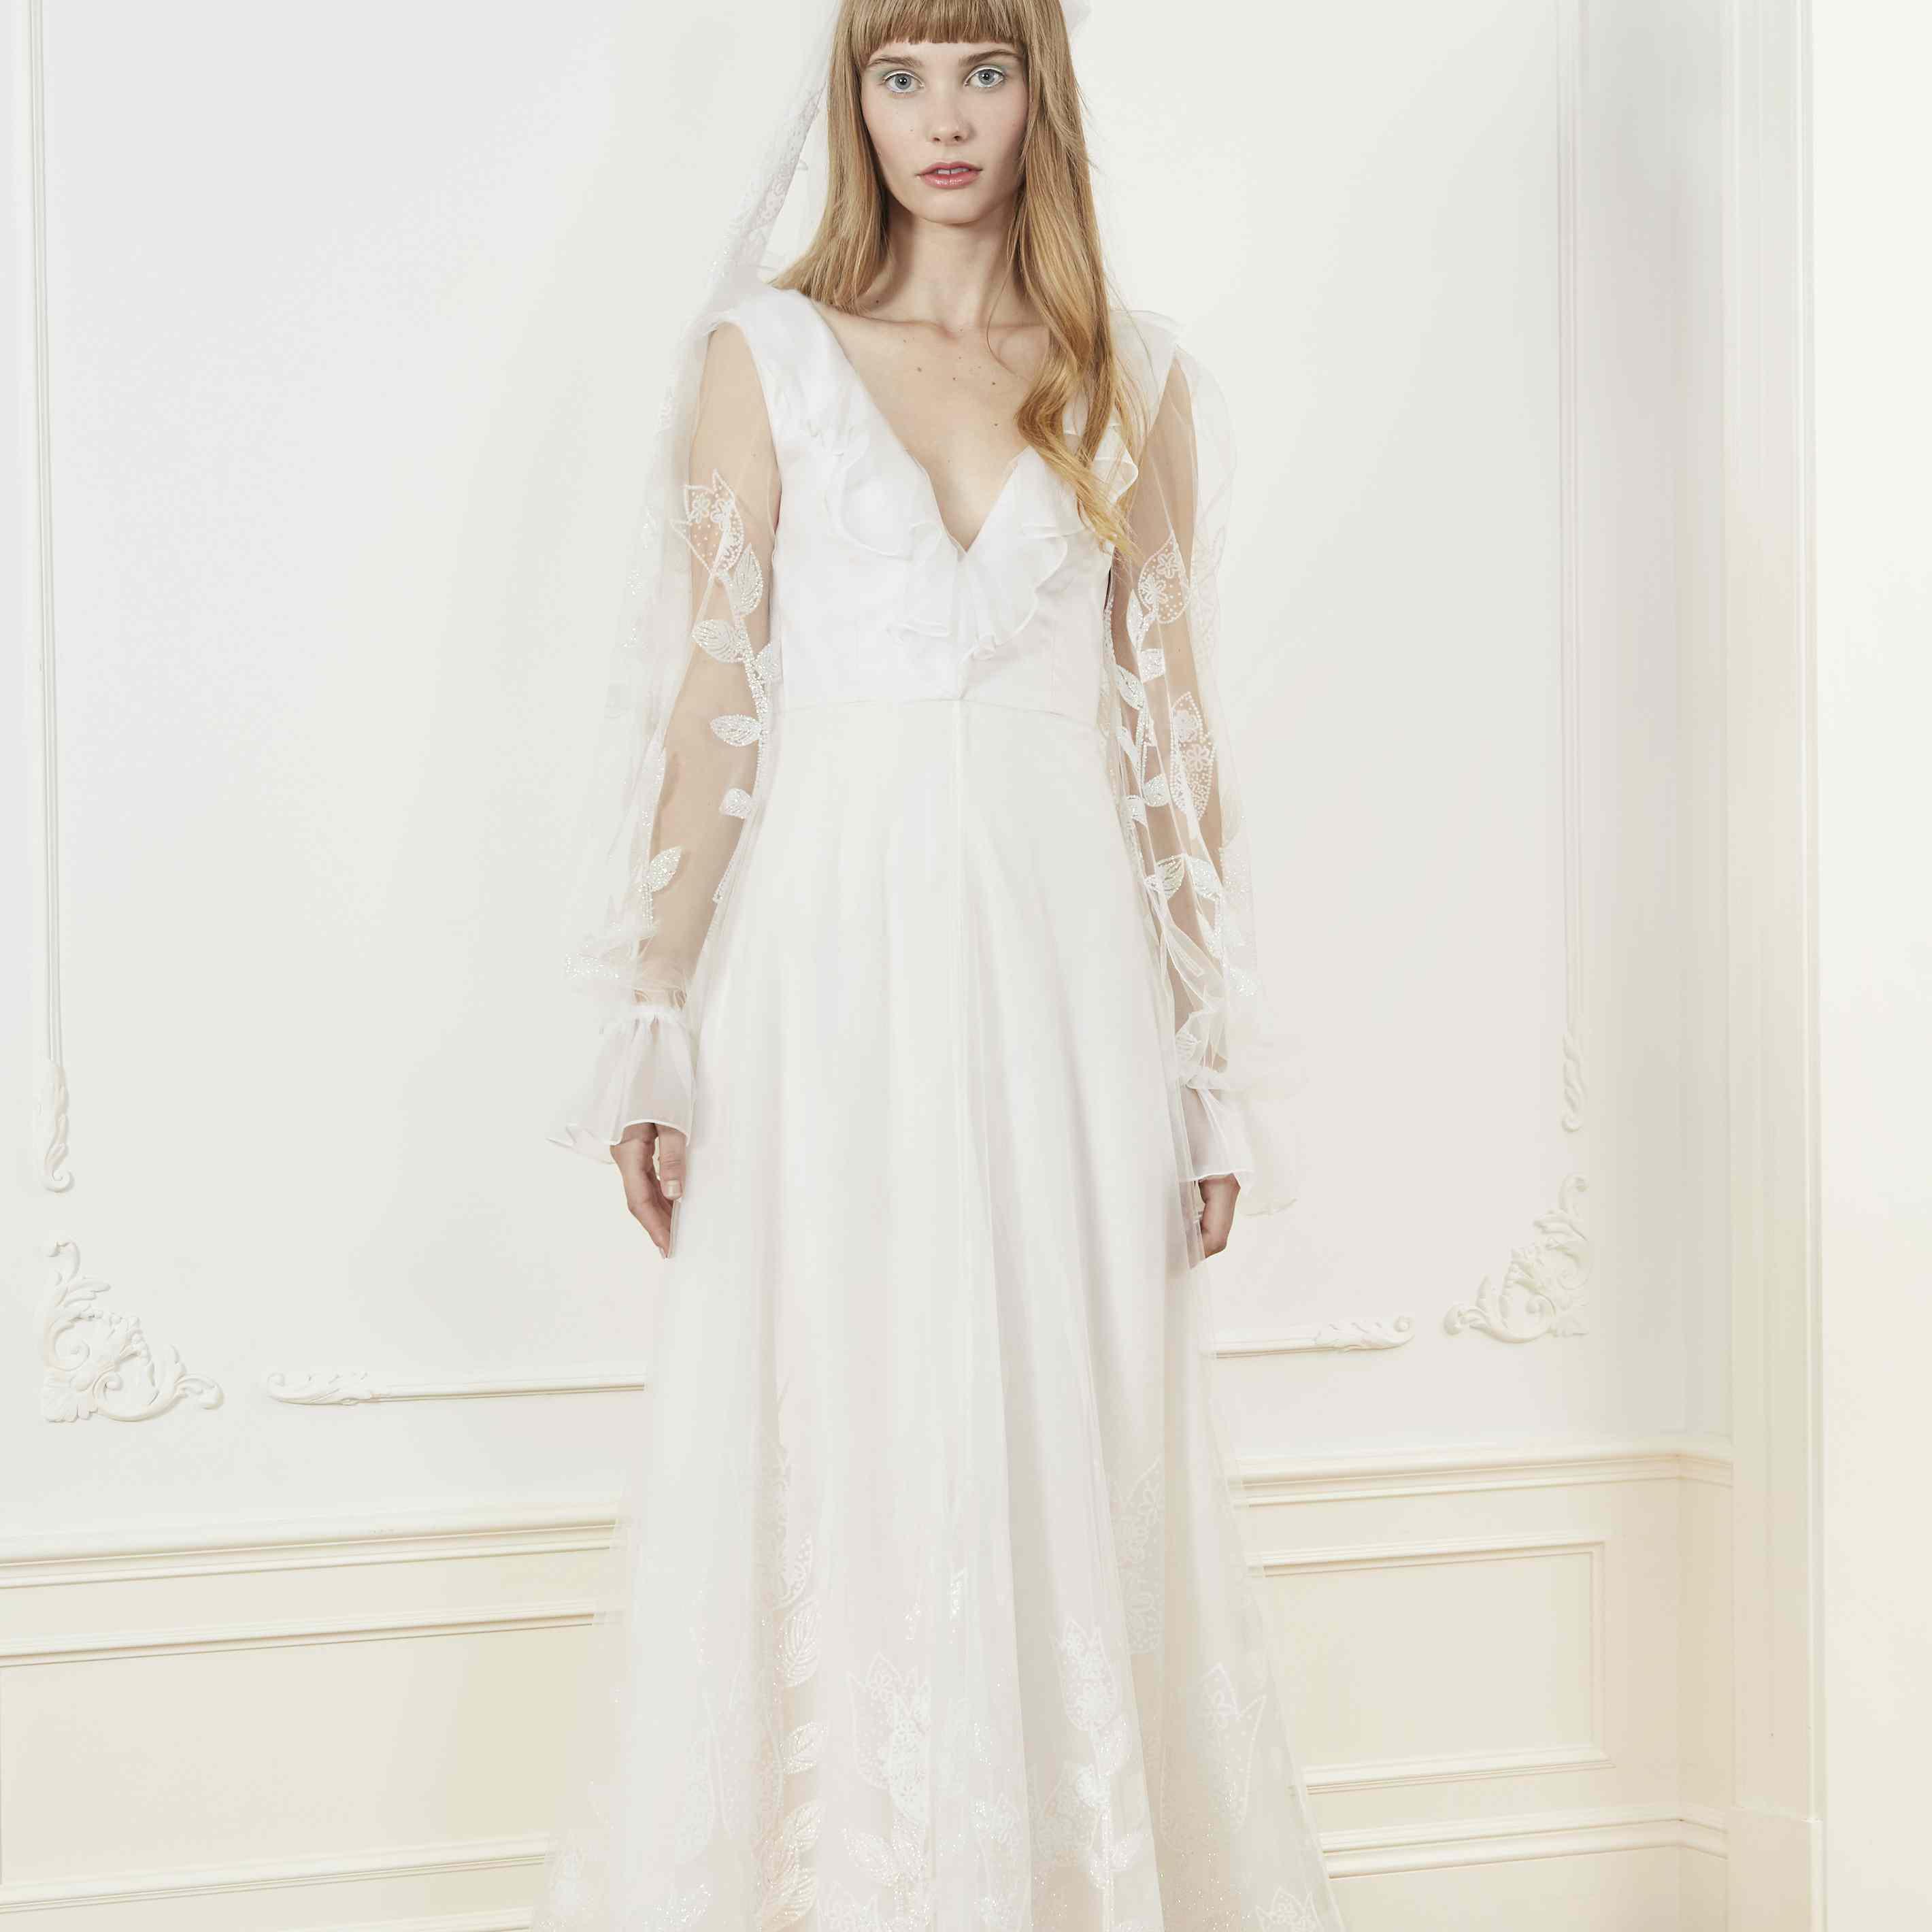 Model in long sleeve wedding dress